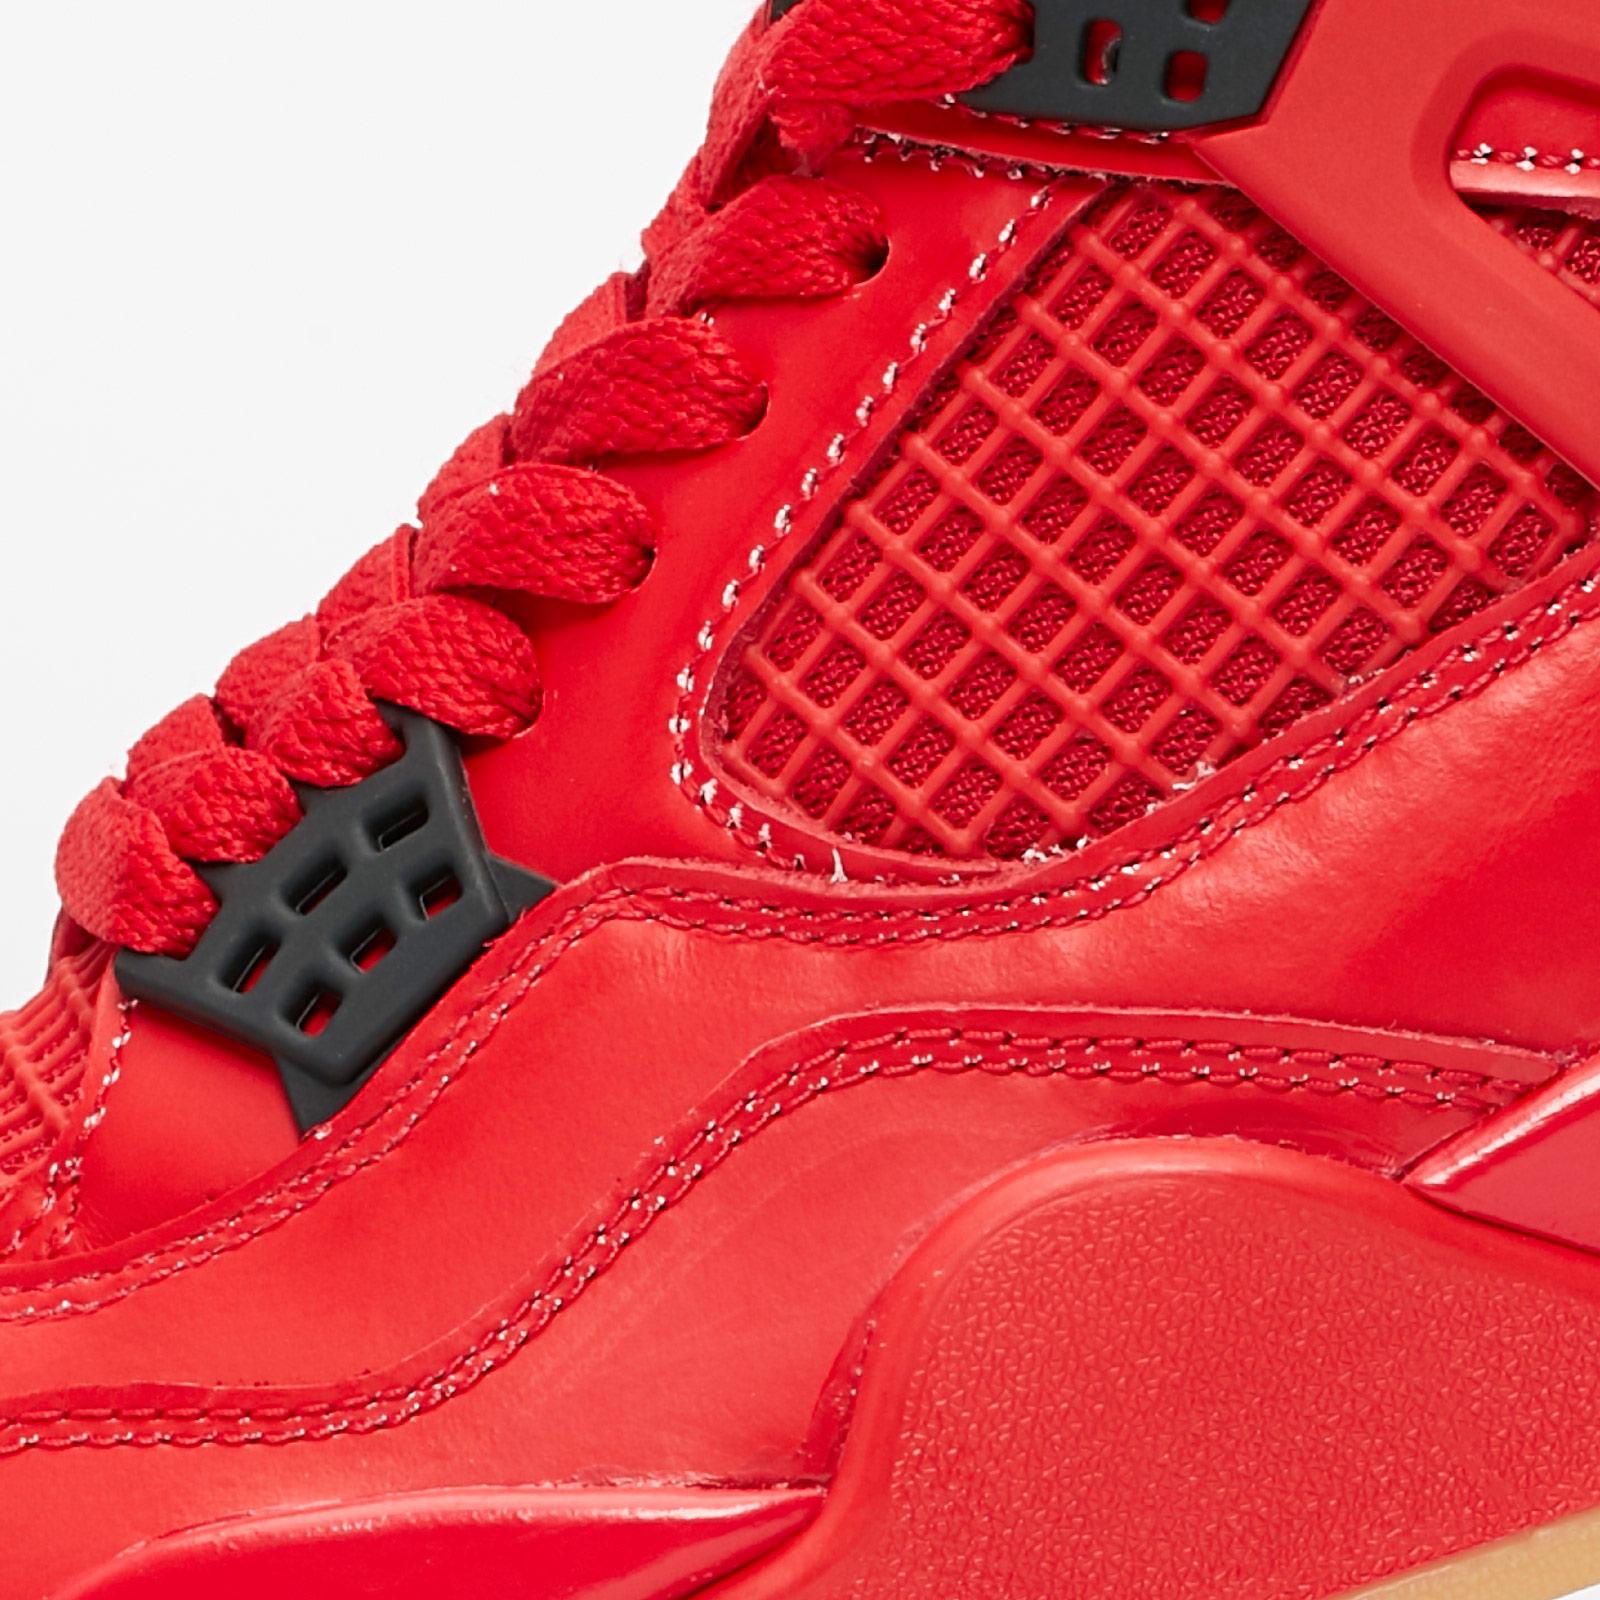 773337b2ec77f6 Jordan Brand Wmns Air Jordan 4 Retro NRG - Av3914-600 - Sneakersnstuff